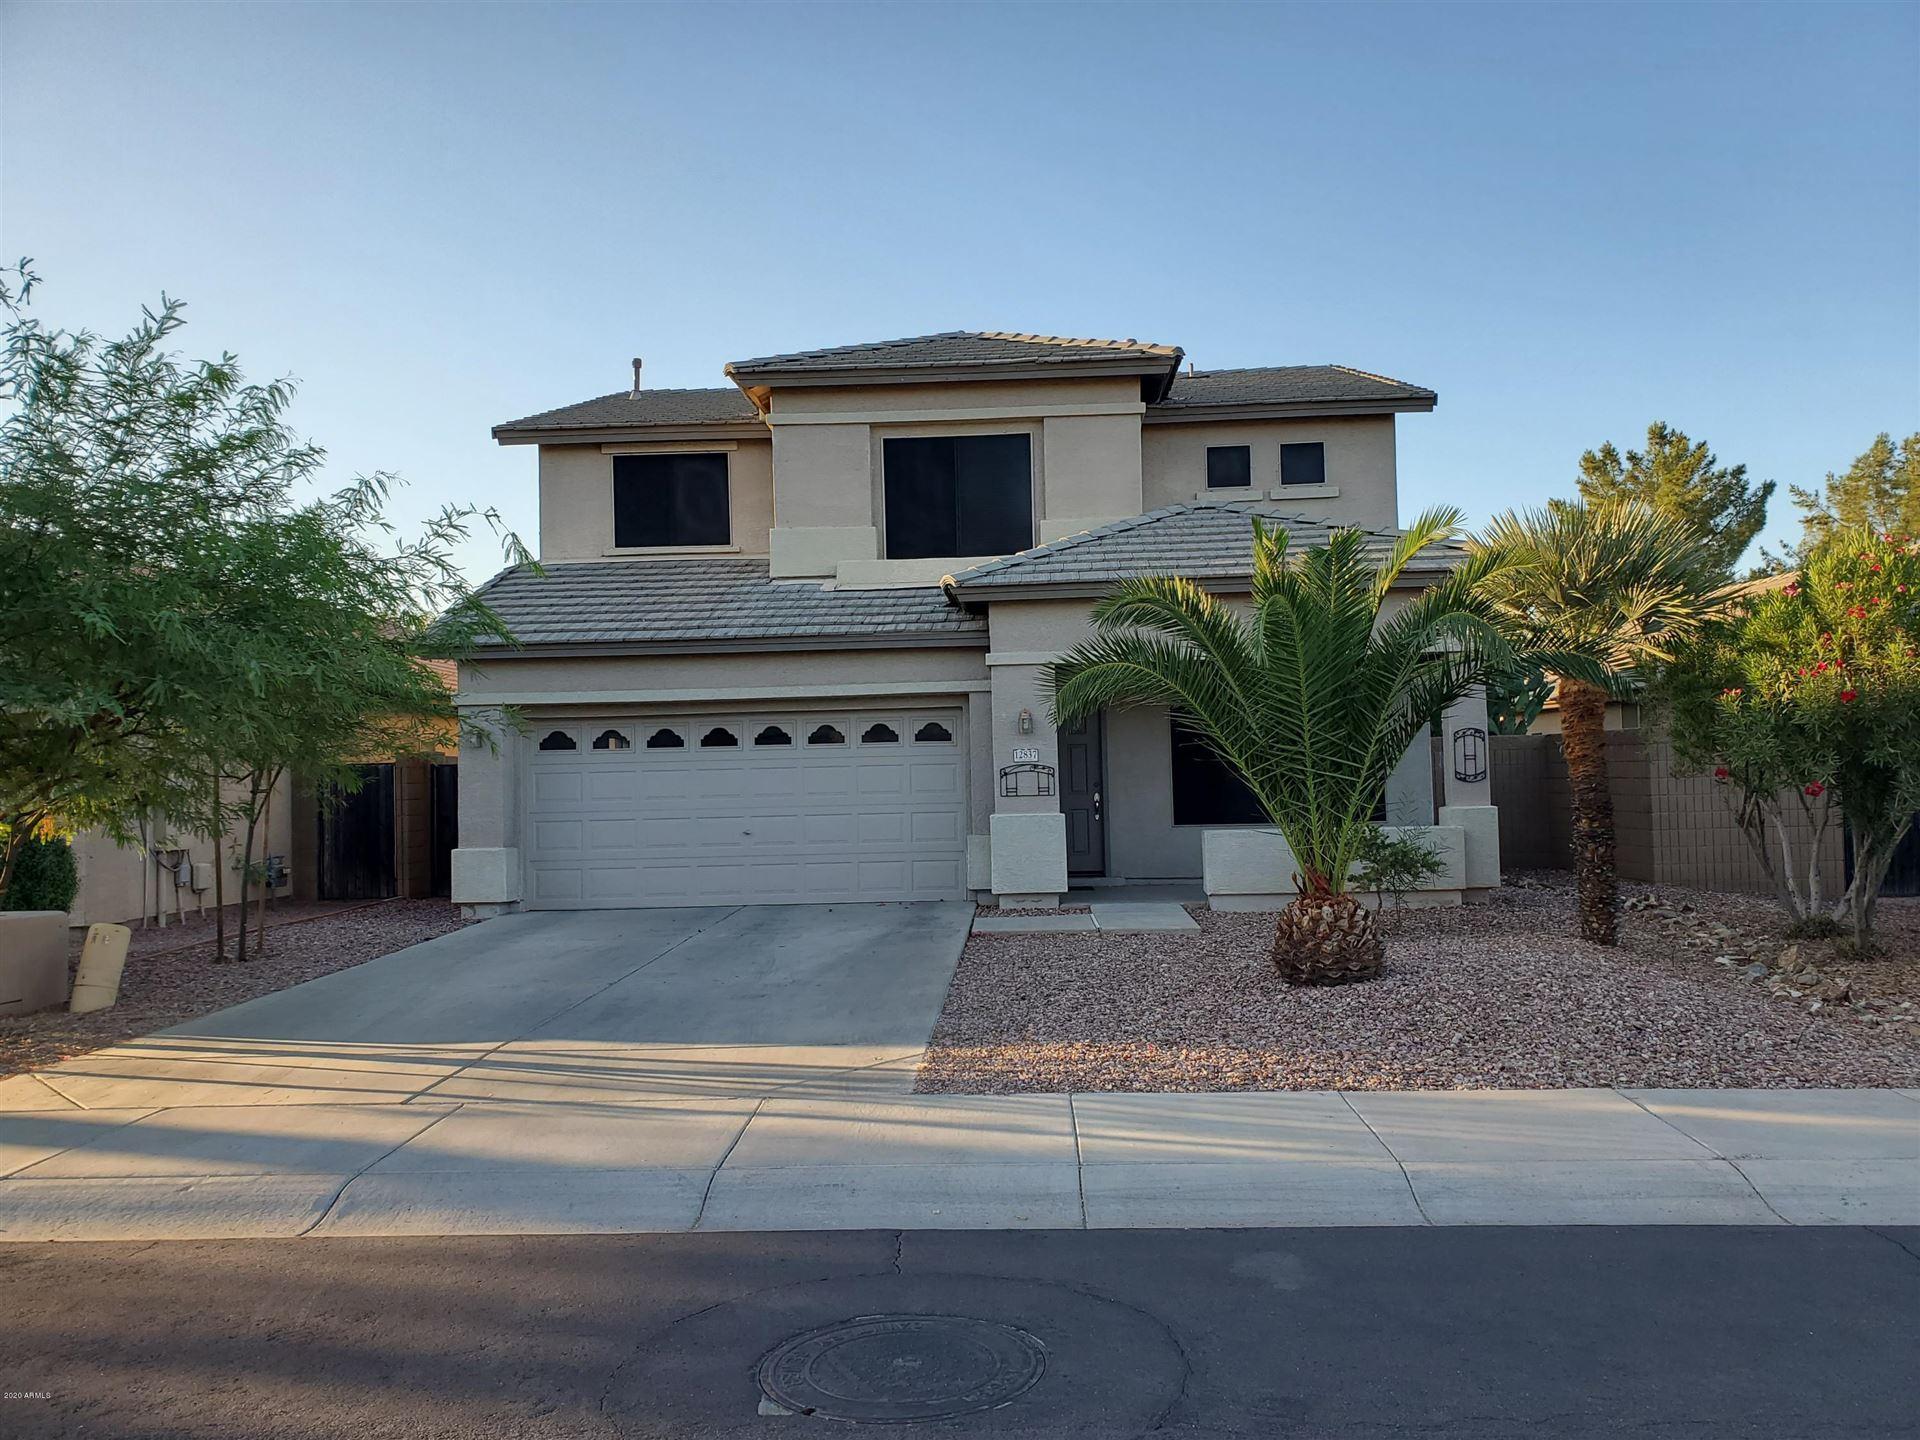 Photo of 12837 W APODACA Drive, Litchfield Park, AZ 85340 (MLS # 6269087)